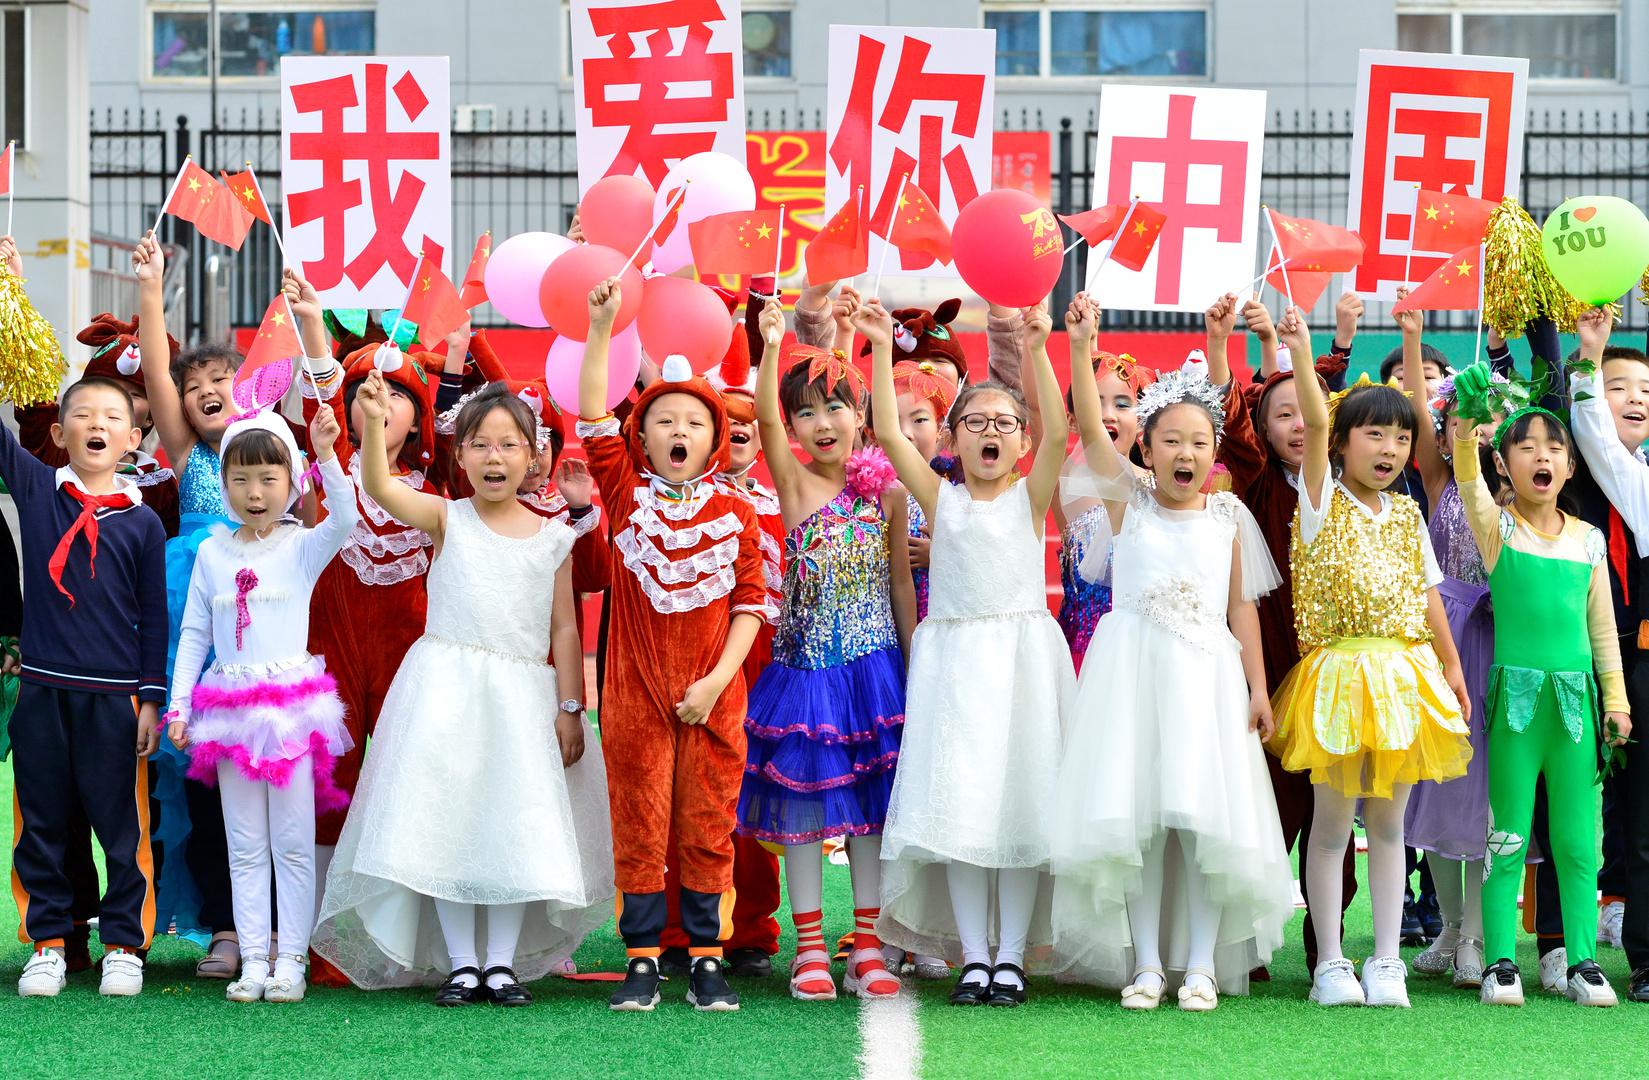 أطفال المدارس في الصين خلال أحد الأعياد. الصورة: أرشيف.